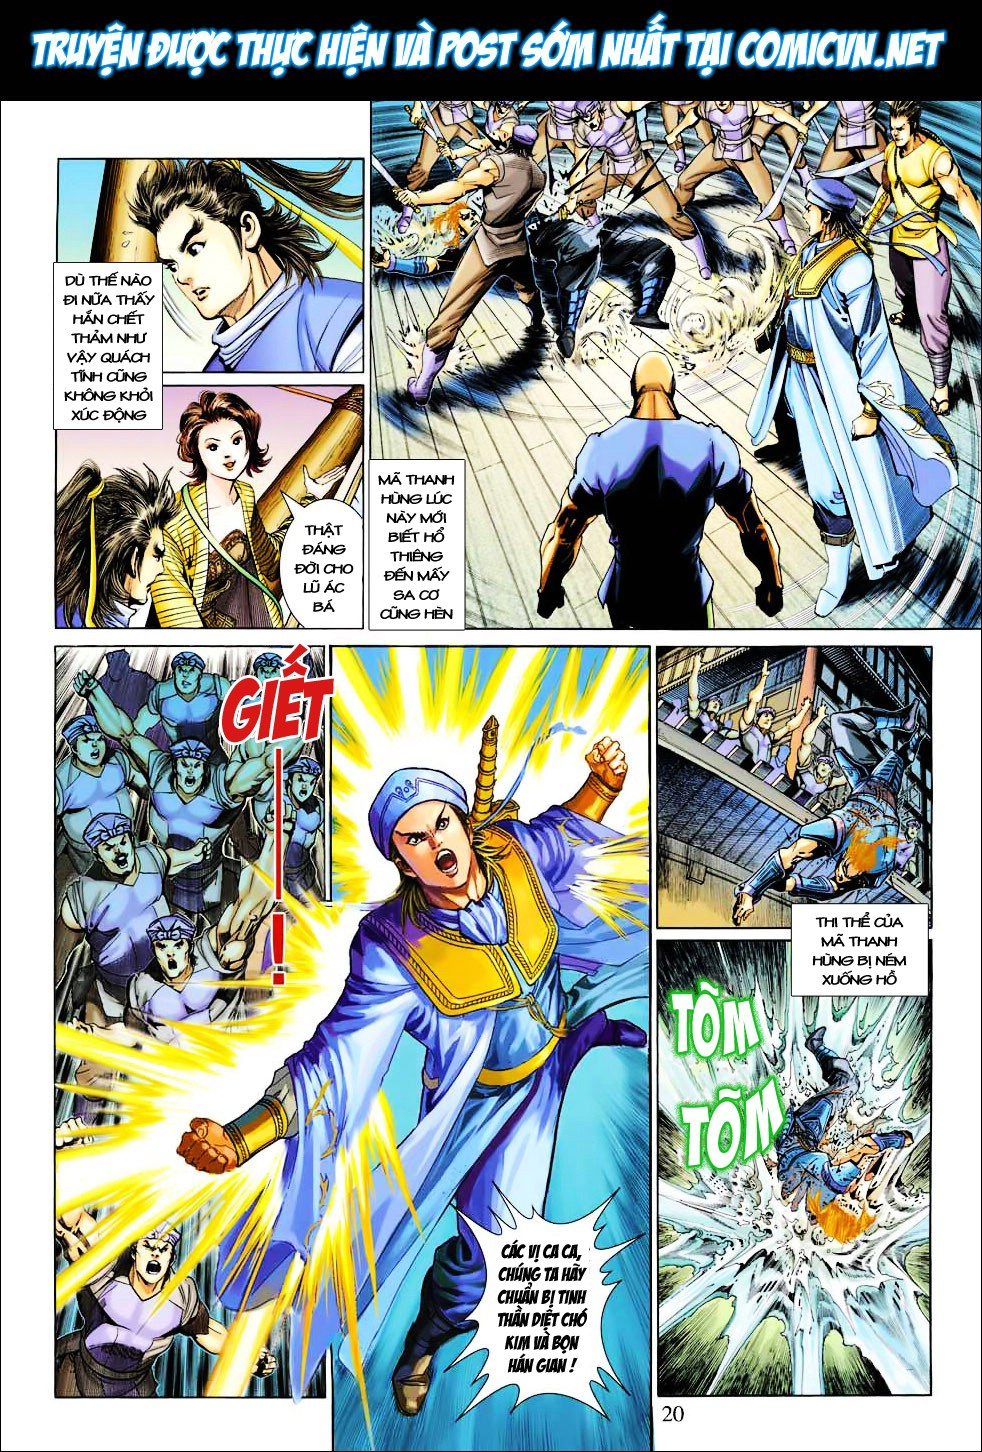 Anh Hùng Xạ Điêu anh hùng xạ đêu chap 27 trang 20